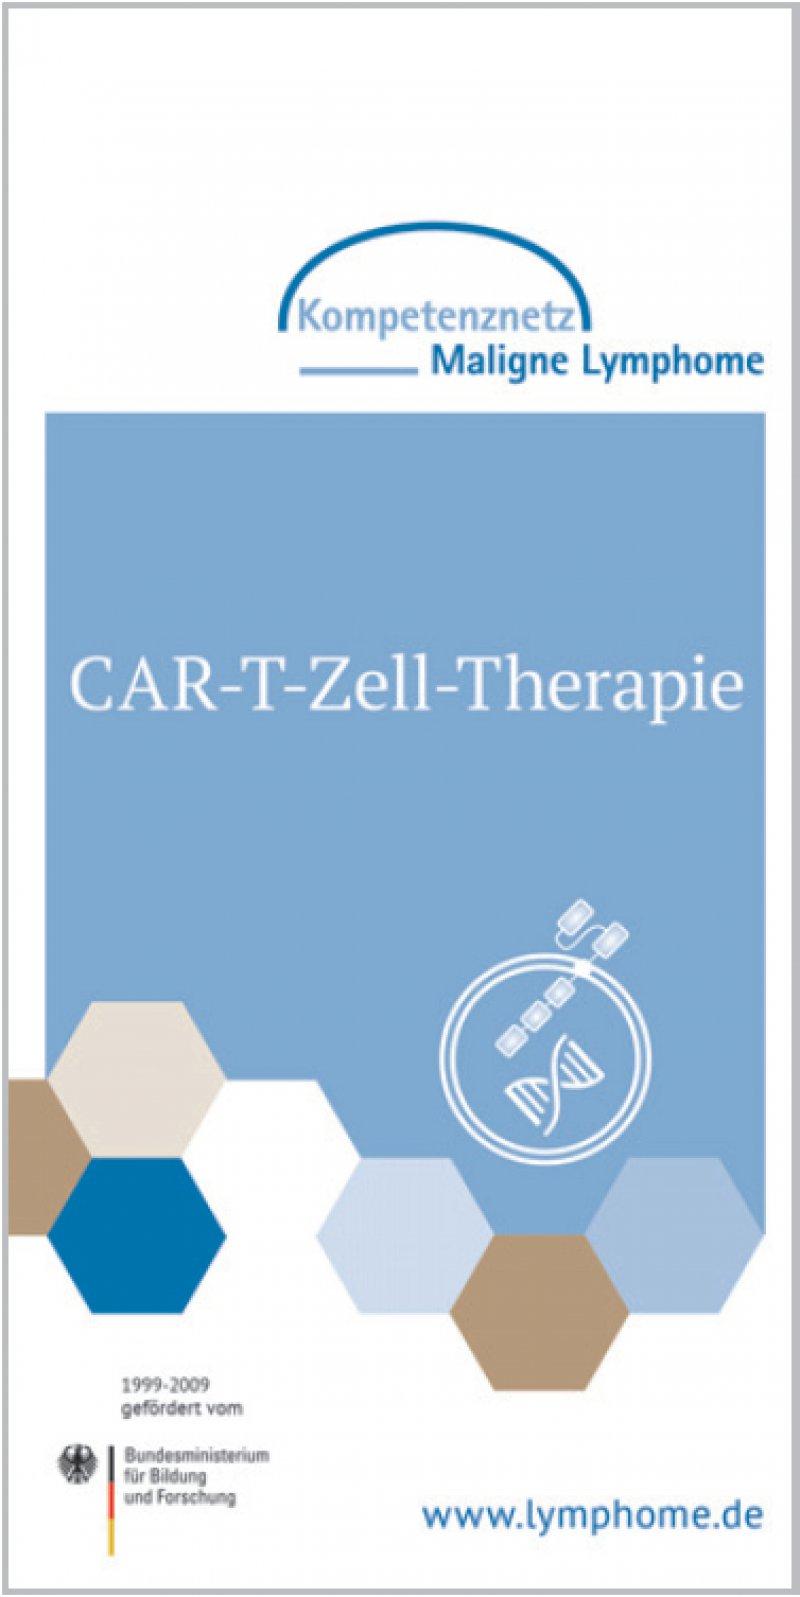 Die Broschüre stellt Wirkprinzipien, Ablauf und mögliche Nebenwirkungen der CAR-T-Zell-Therapie vor.